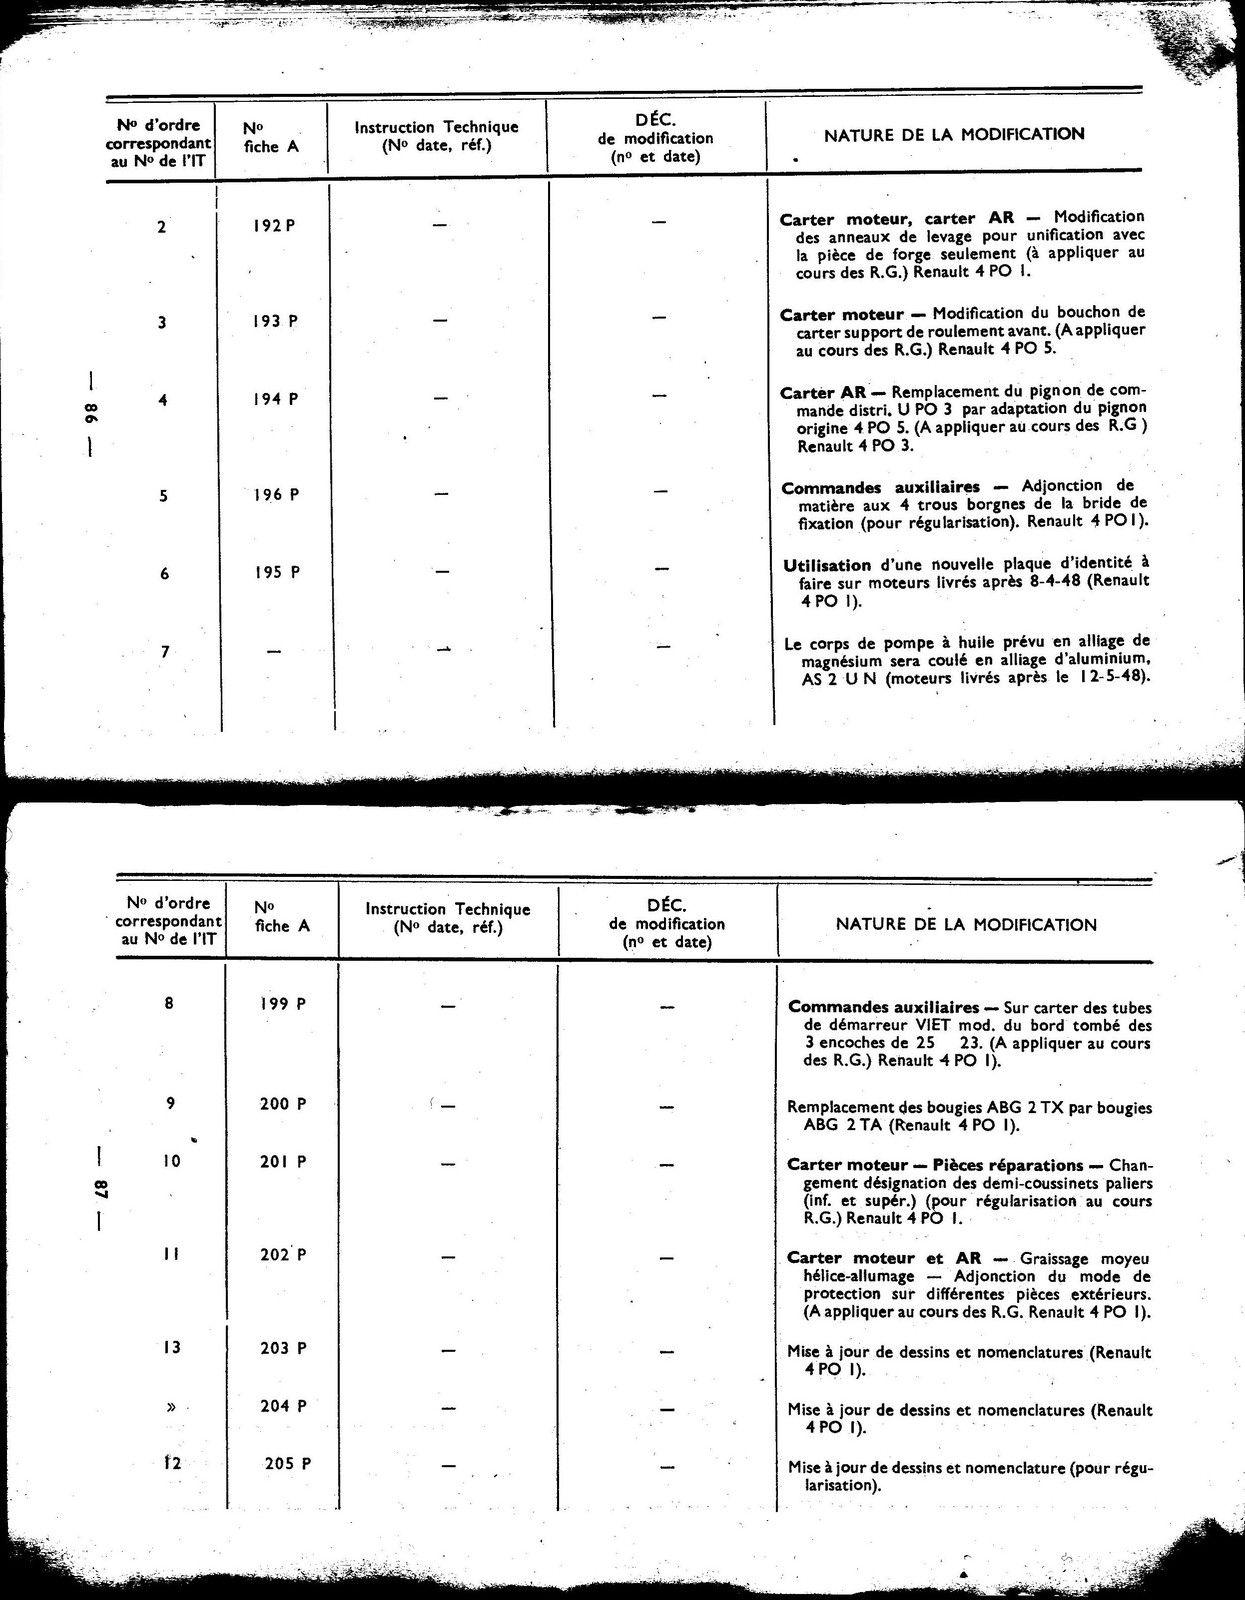 Guide d'entretien et d'inspection pour avions Stampe S V 4 A-B-C-D